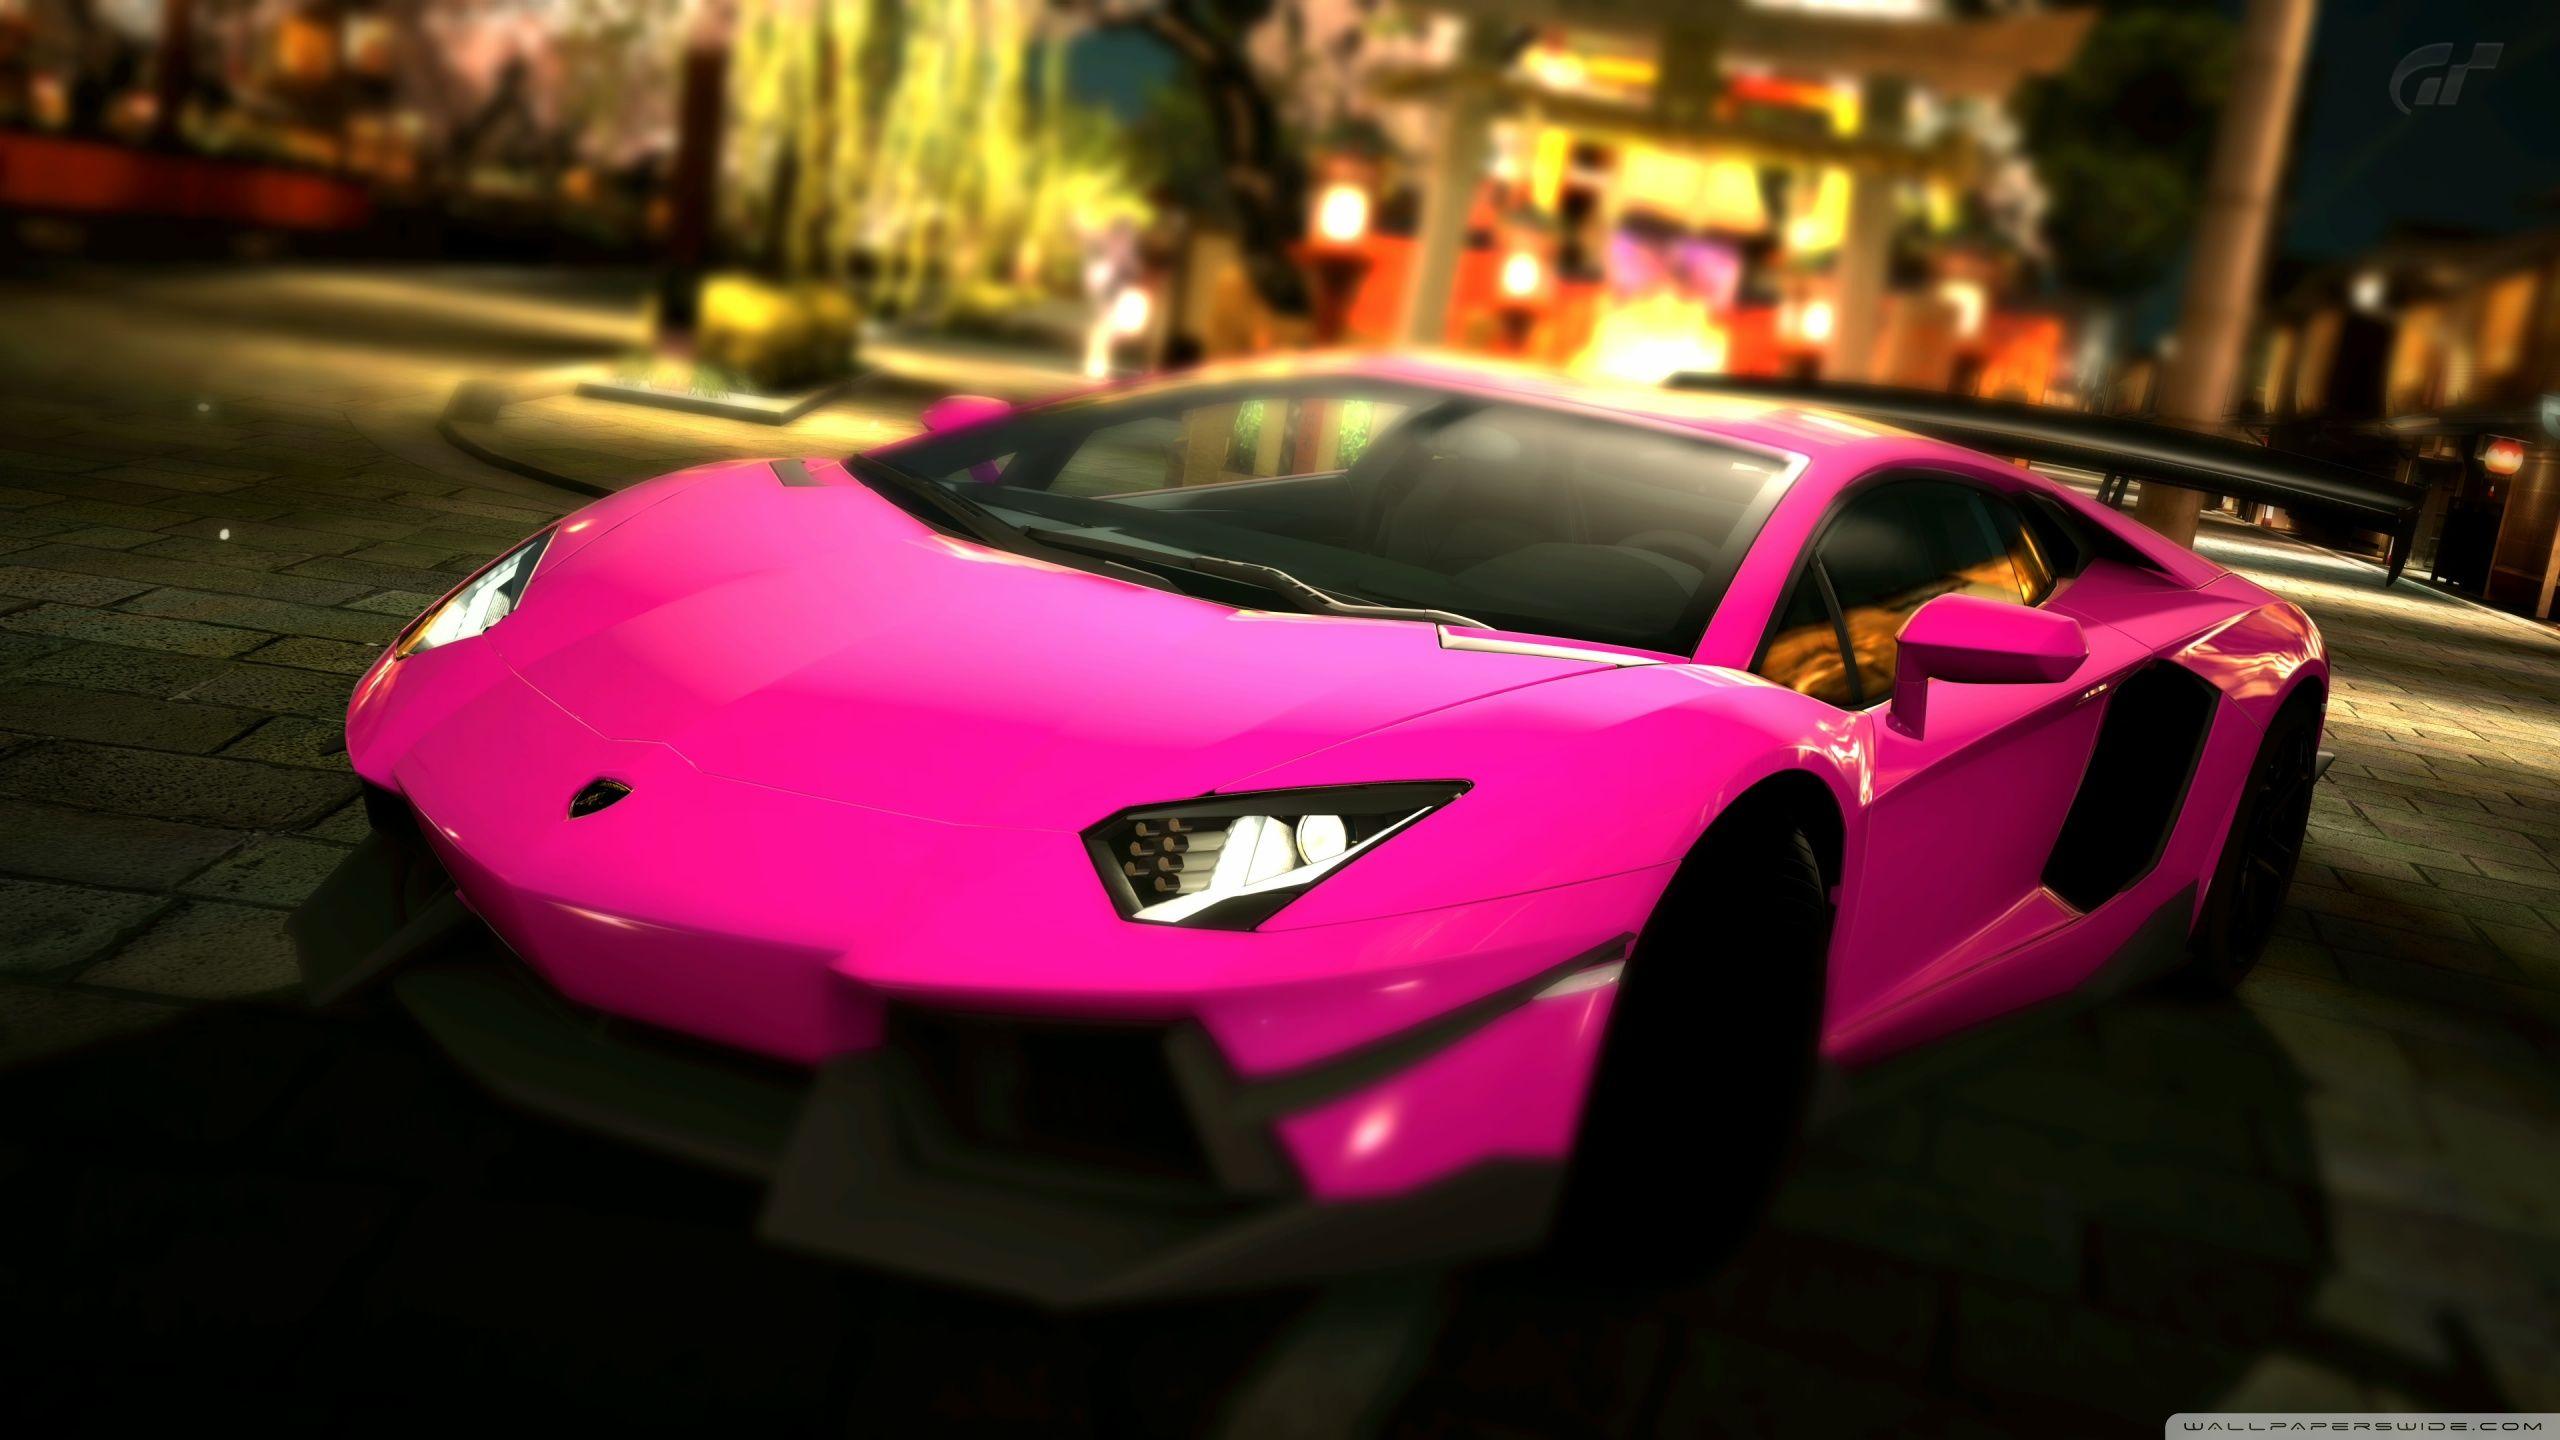 Lamborghini Aventador Pink Color